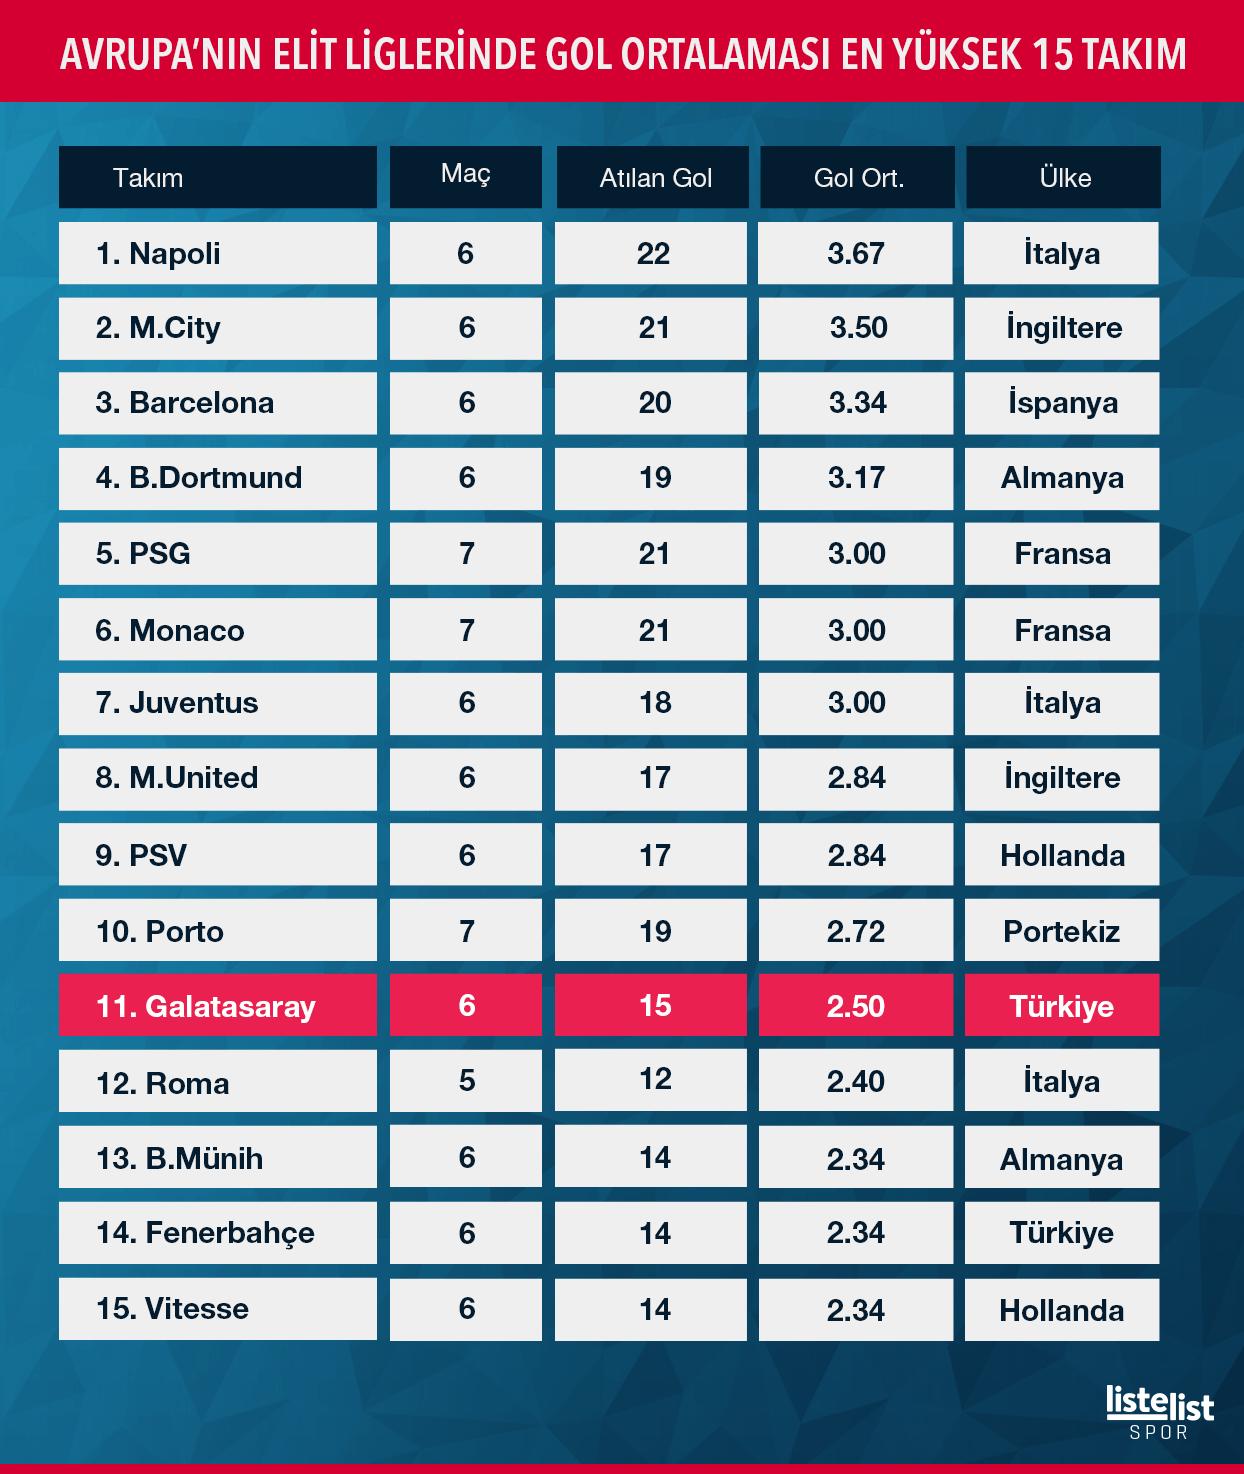 Avrupa'nın-Elit-Liglerinde-Gol-Ortalaması-En-Yüksek-15-Takım